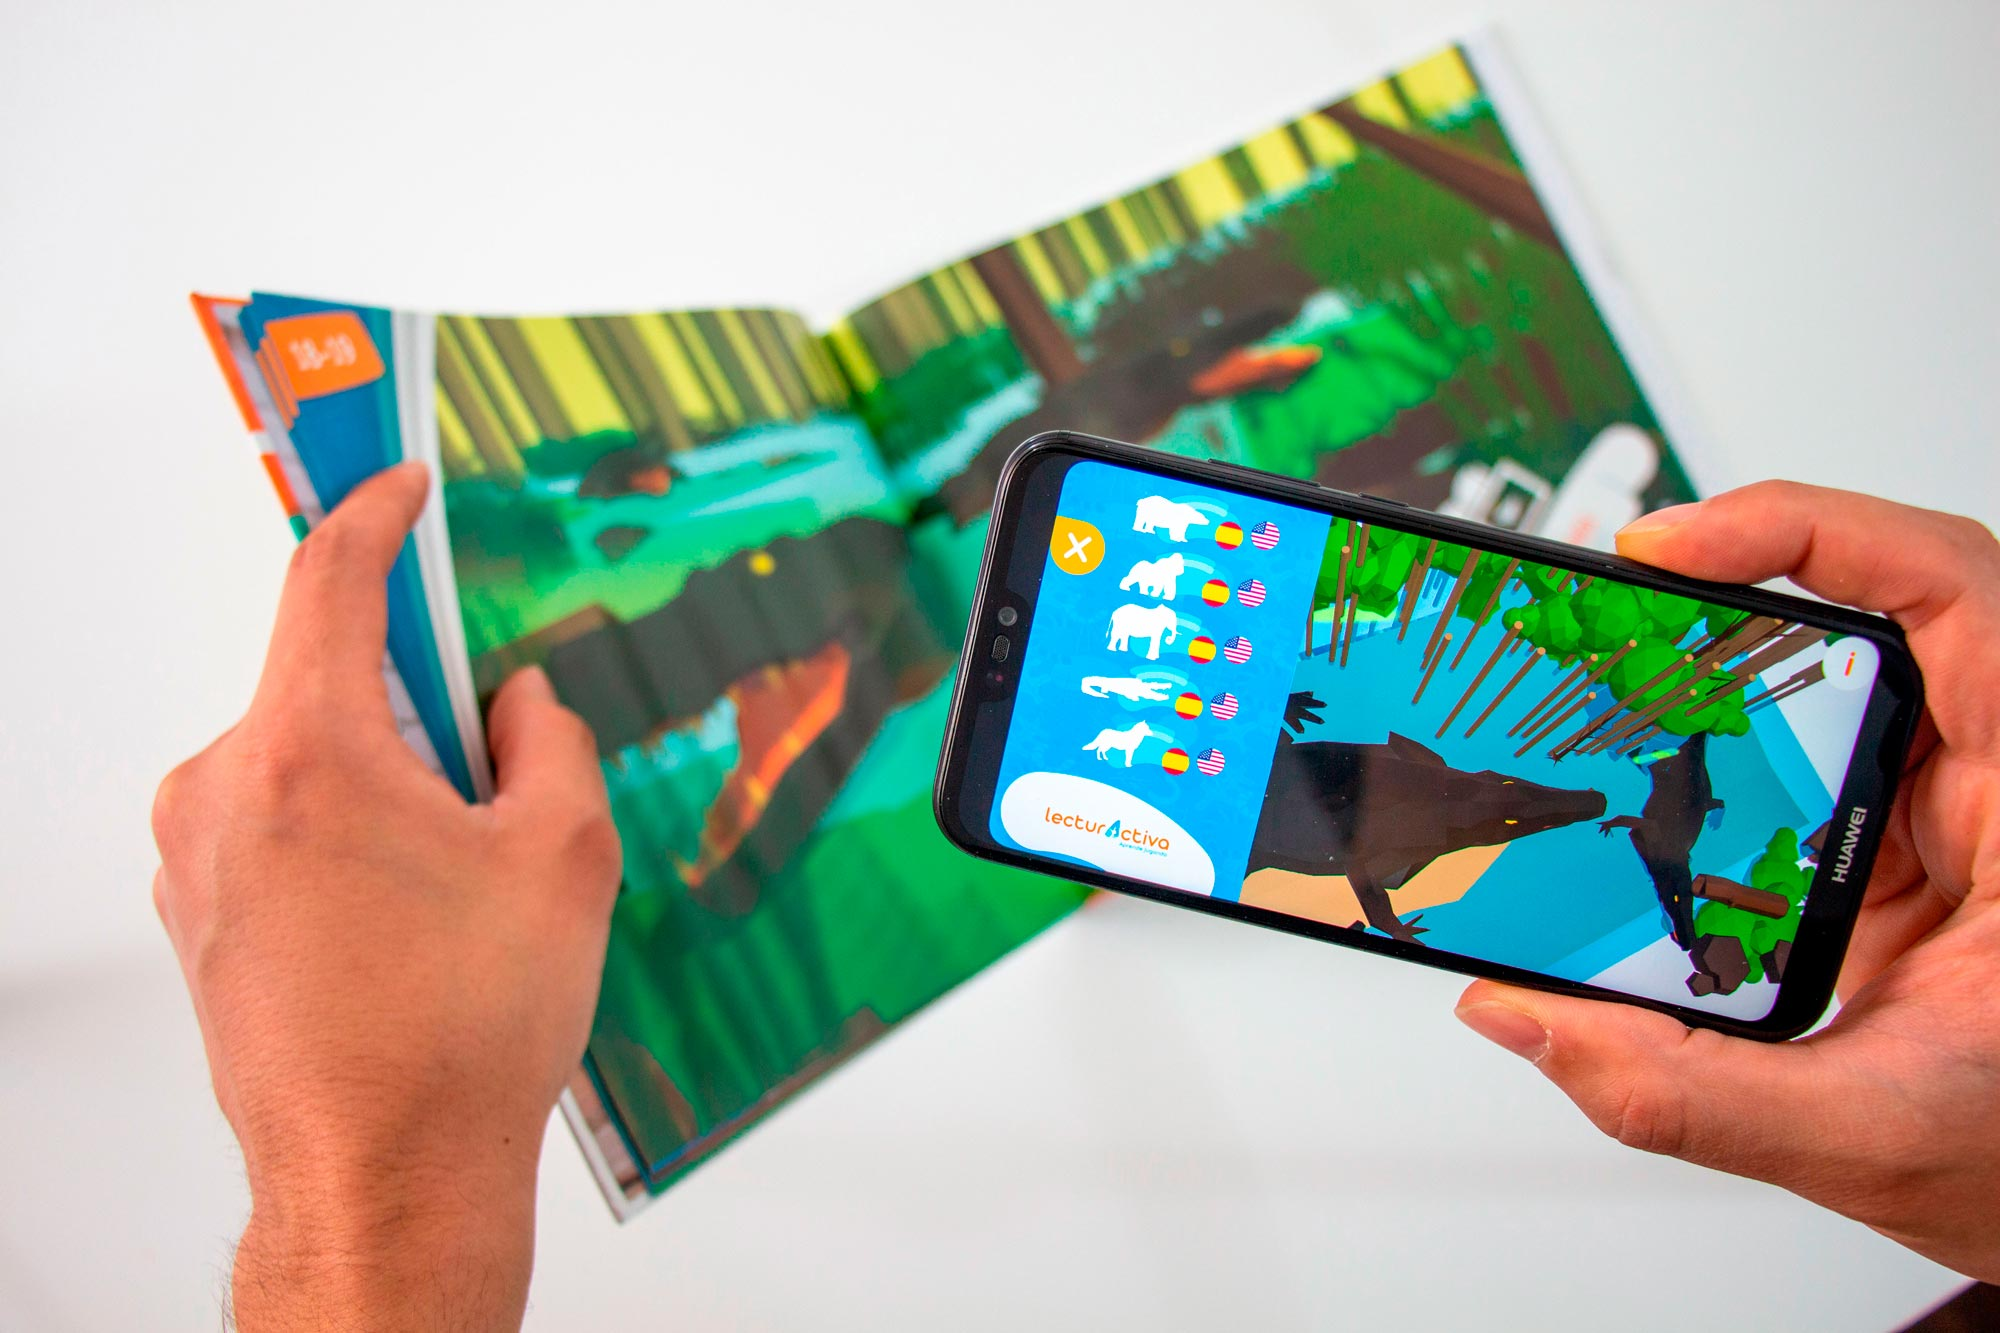 libros-interactivos-bilingues-para-niños-y-jovenes-0056